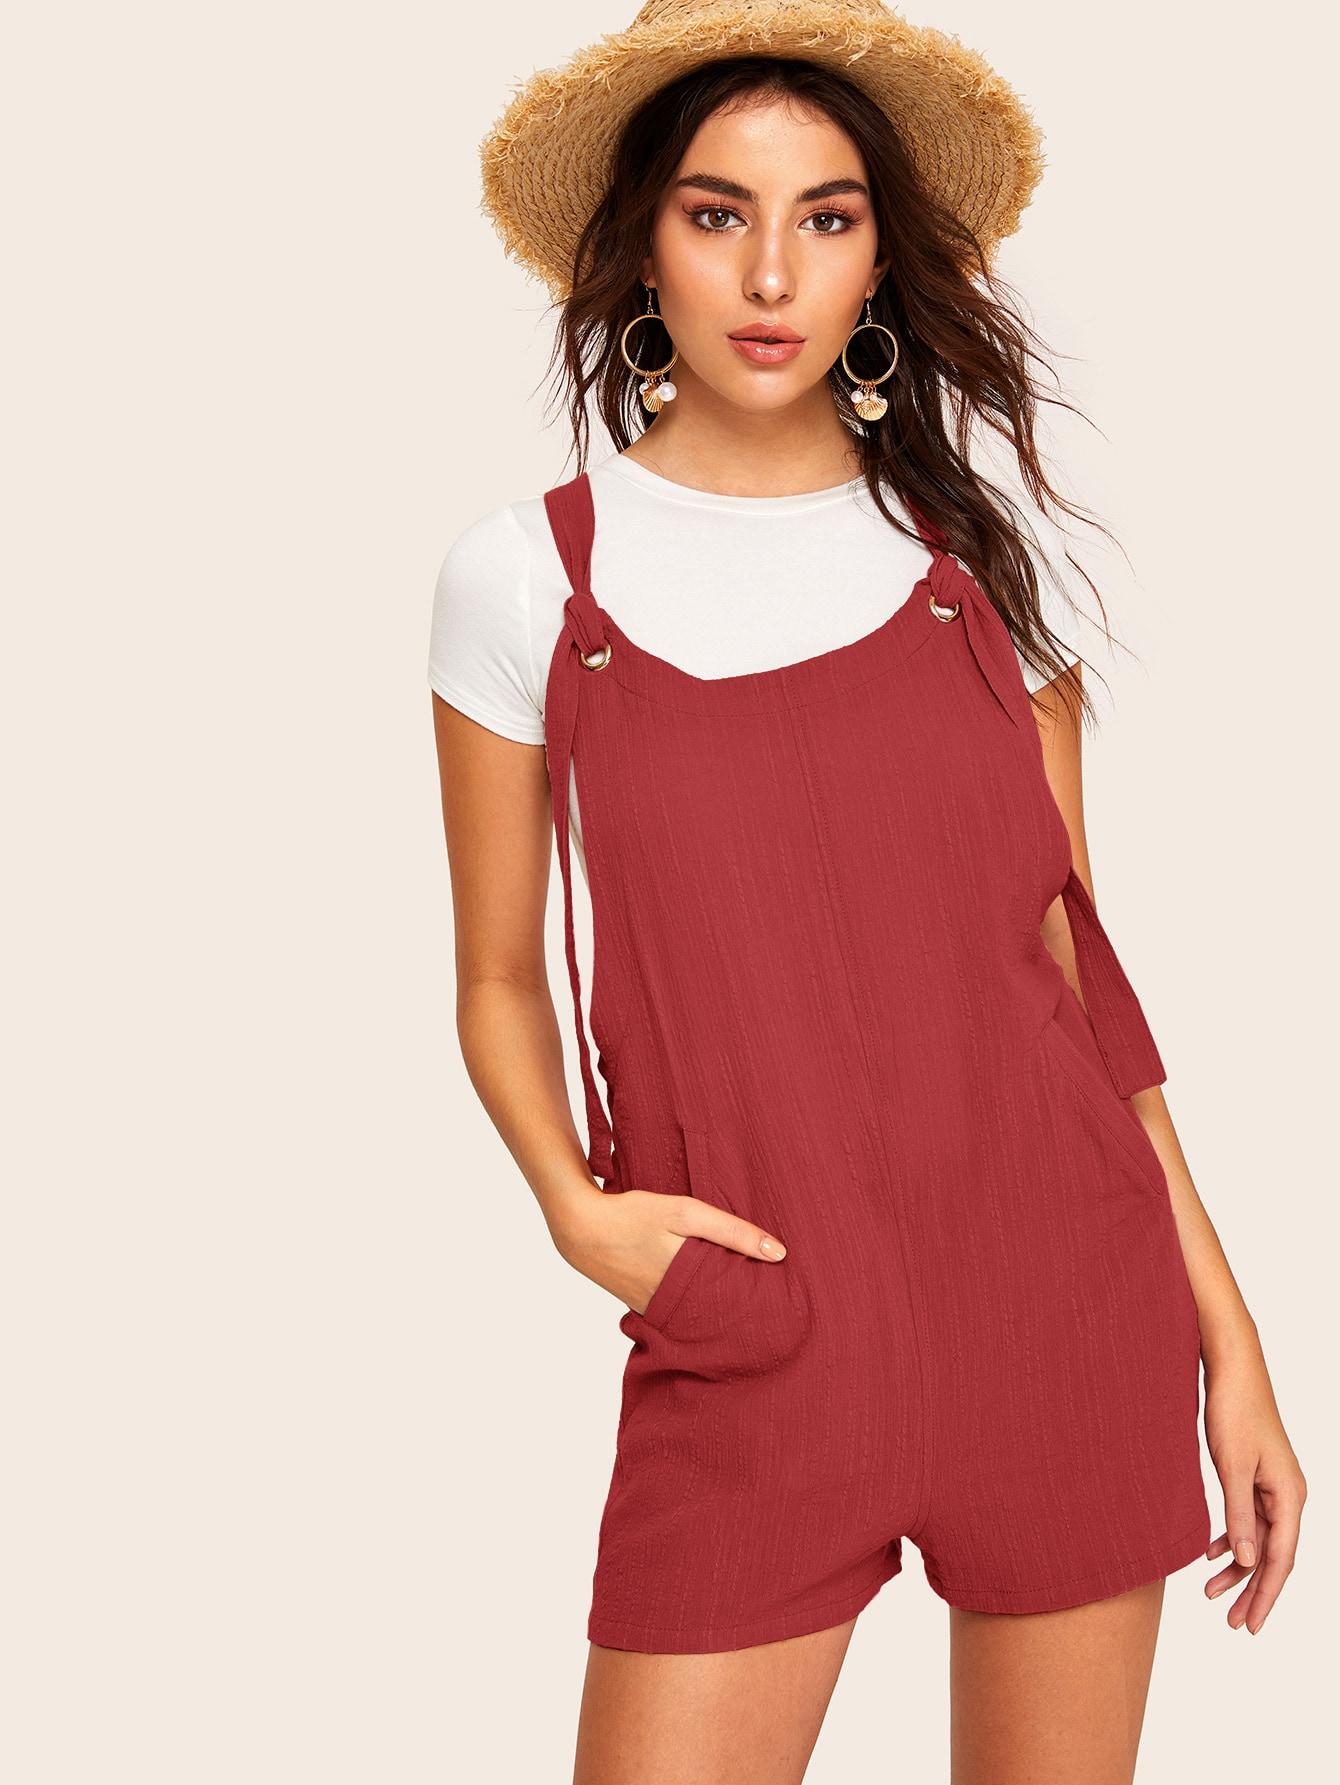 Фото - Комбинезон с карманом и узлом от SheIn бордового цвета